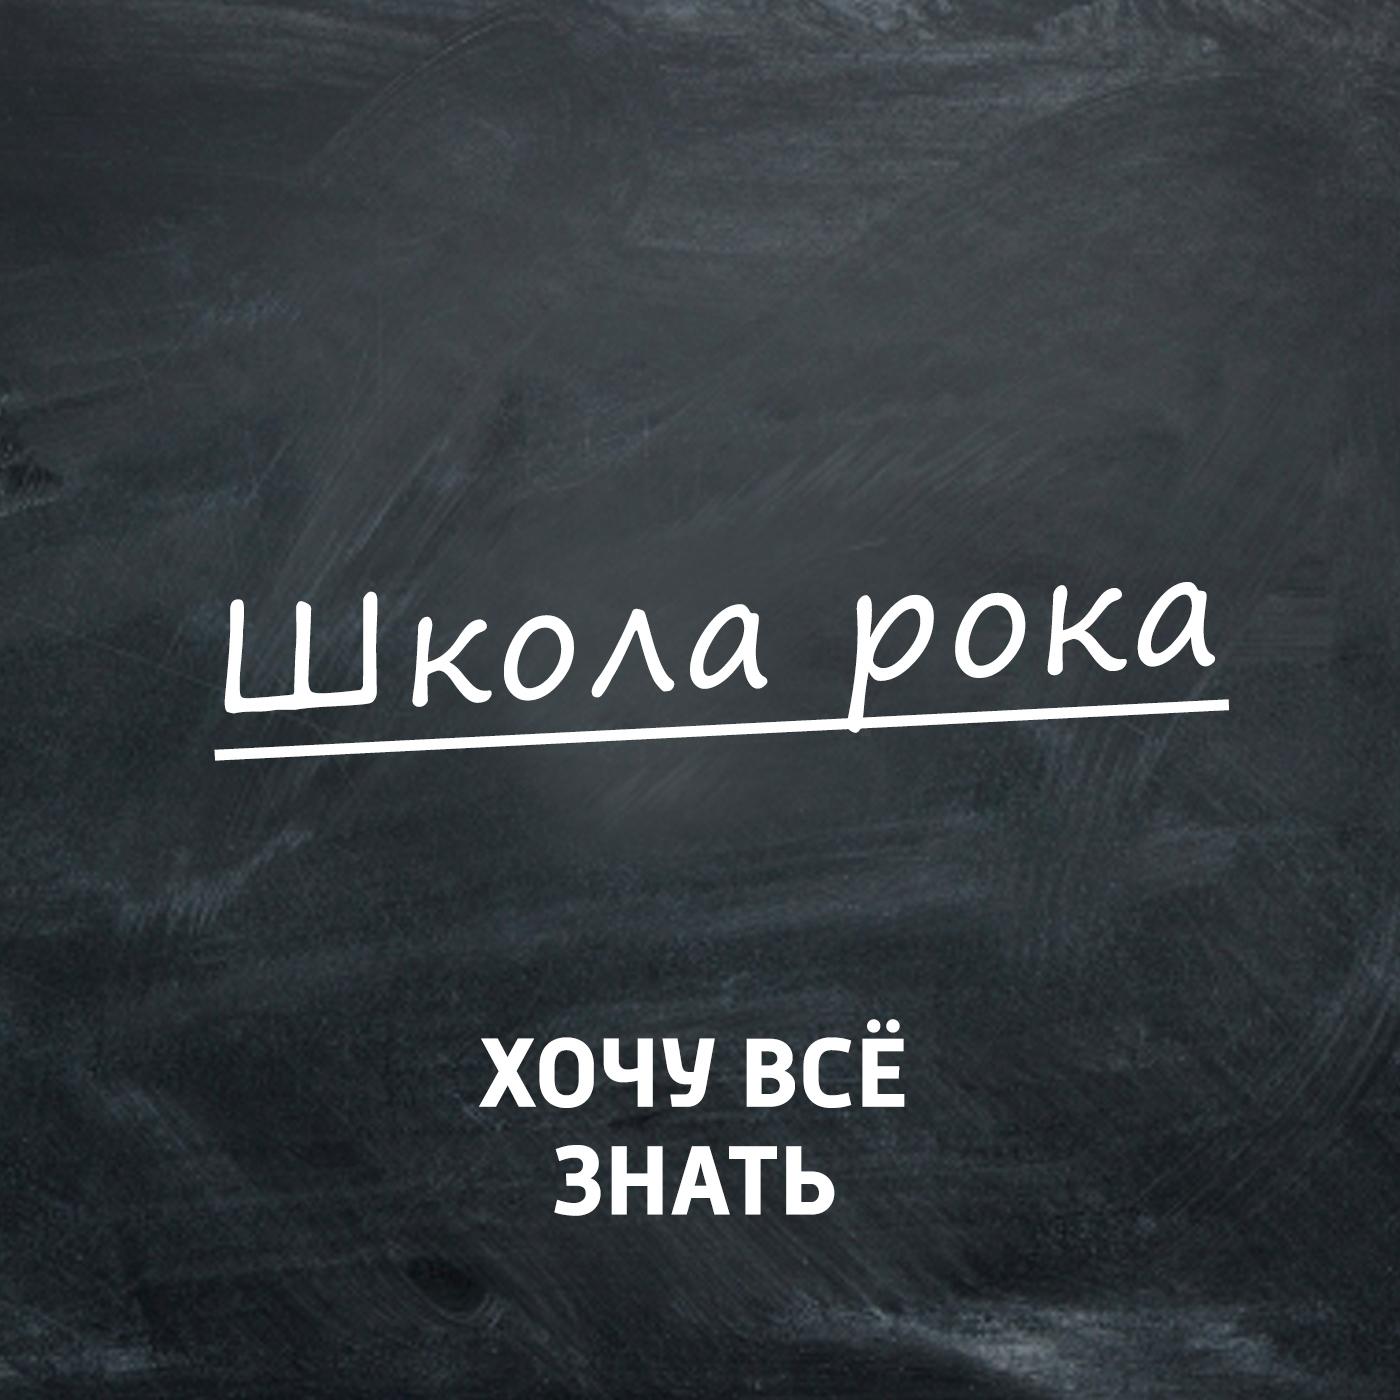 купить Творческий коллектив программы «Хочу всё знать» Фолк-рок по цене 49 рублей